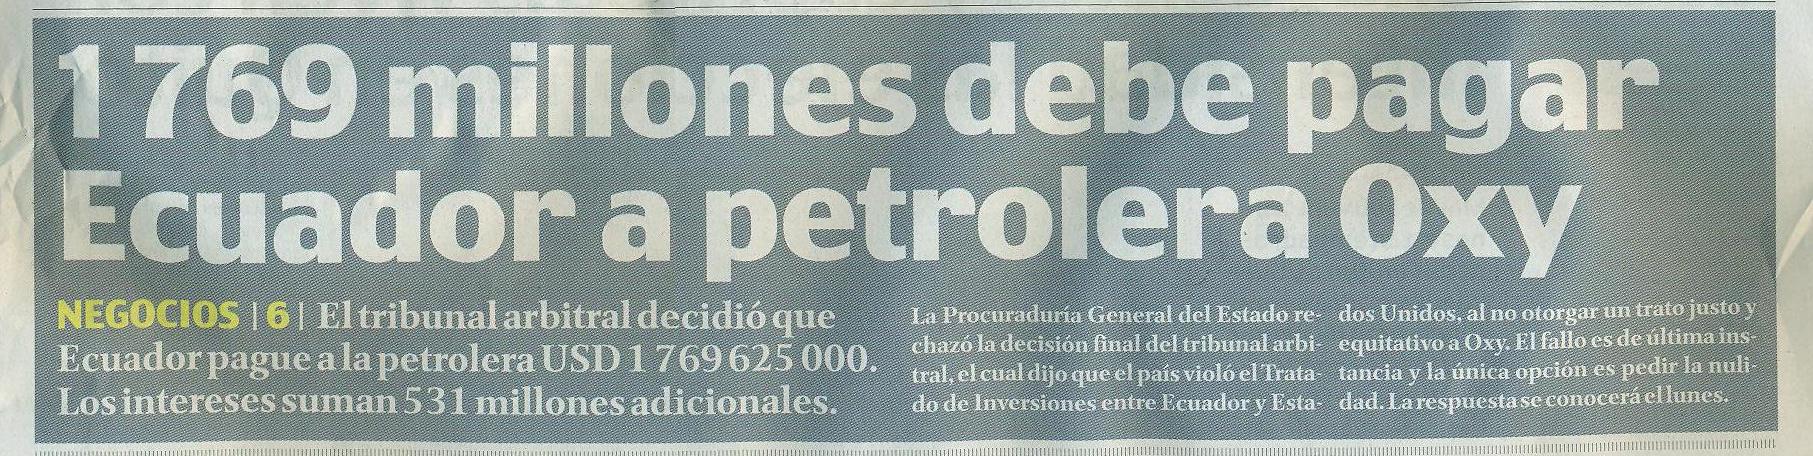 59-El Comercio, 1769 millones debe pagar Ecuador a Oxy 06 10